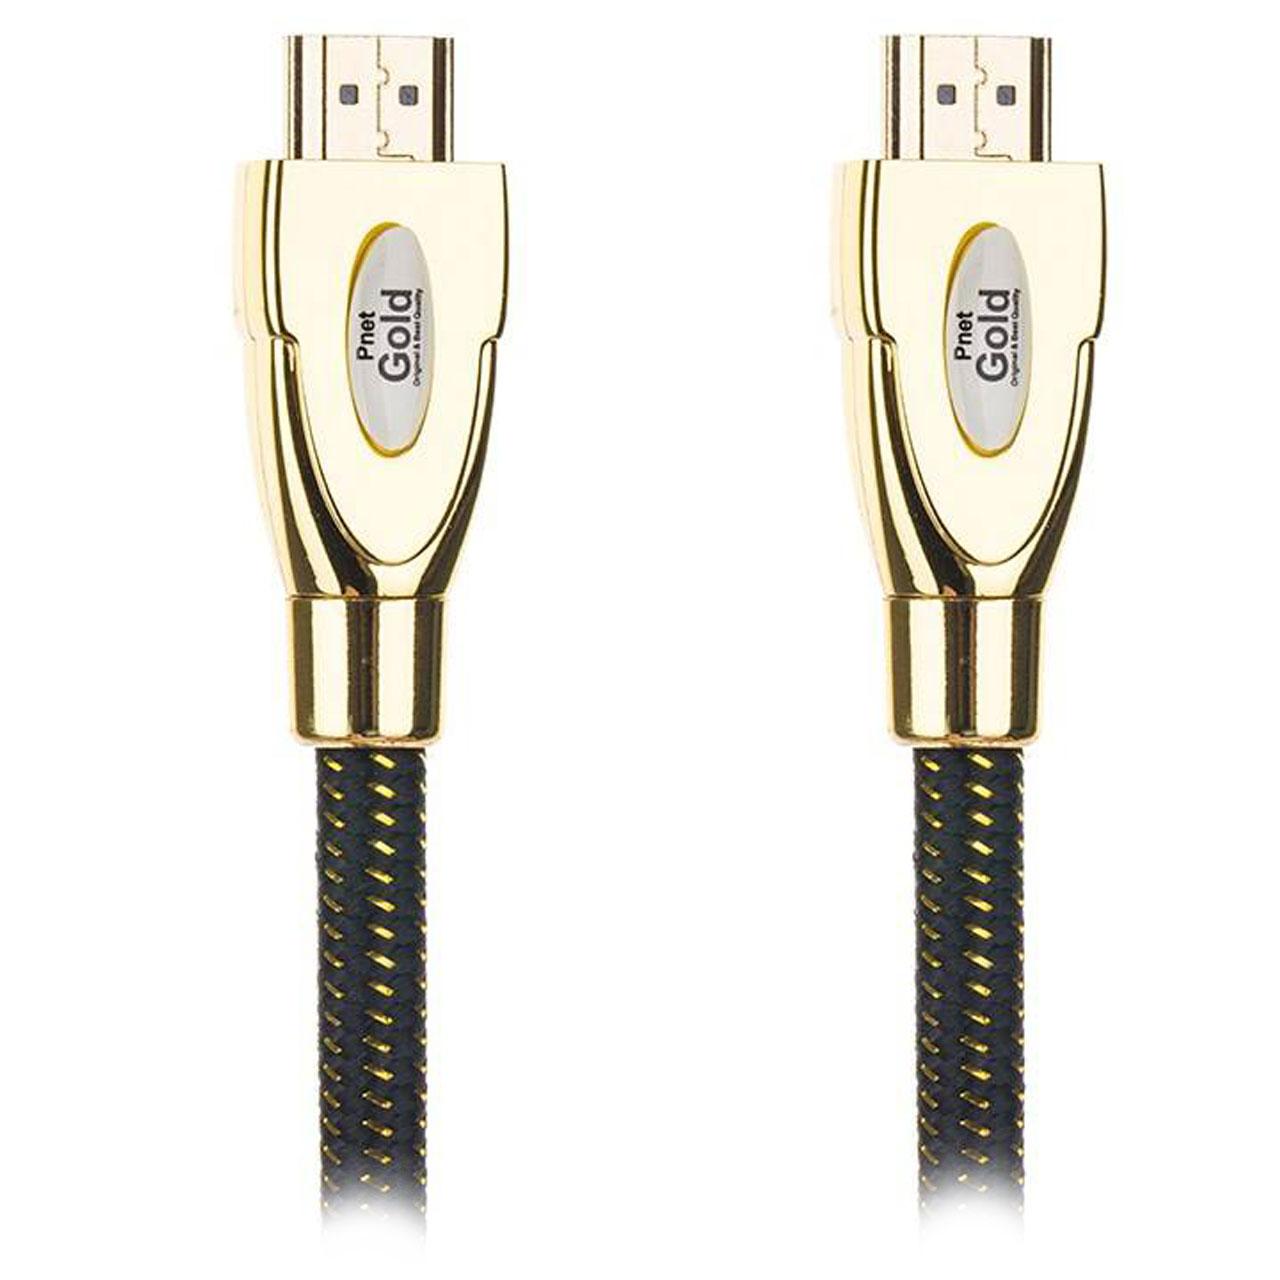 کابل HDMI پی نت مدل Gold طول 10 متر